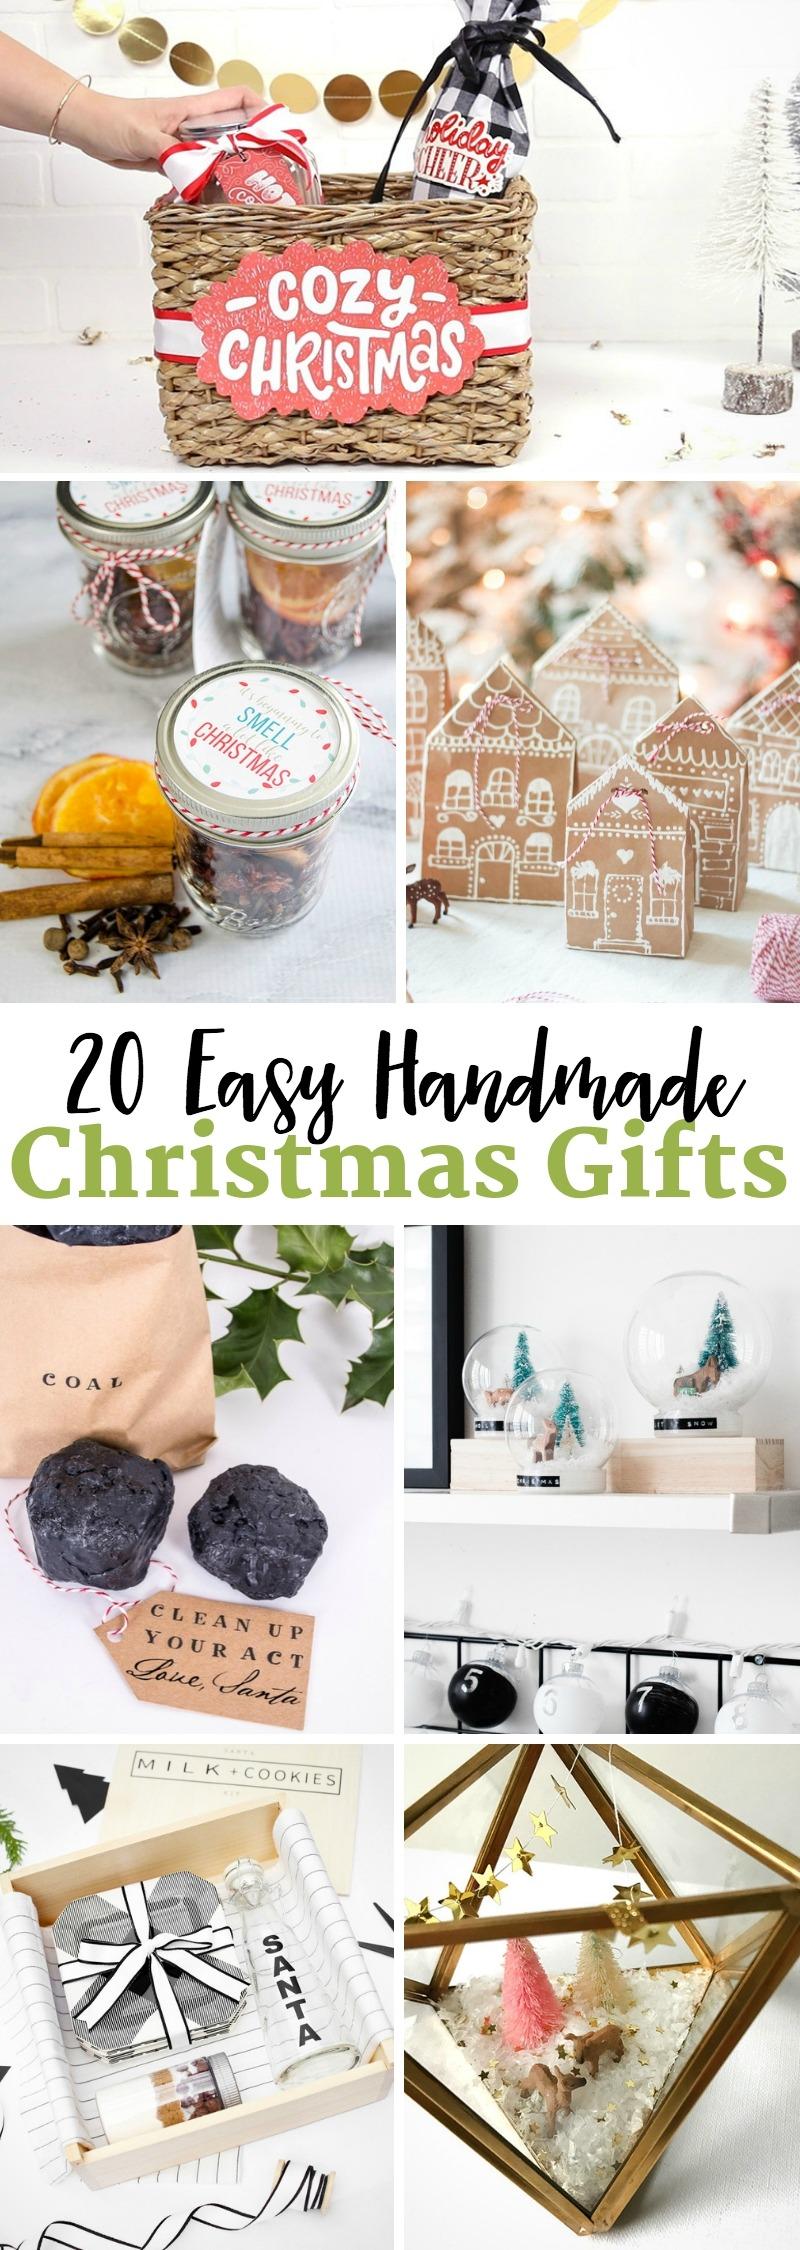 Easy Handmade Christmas Gifts